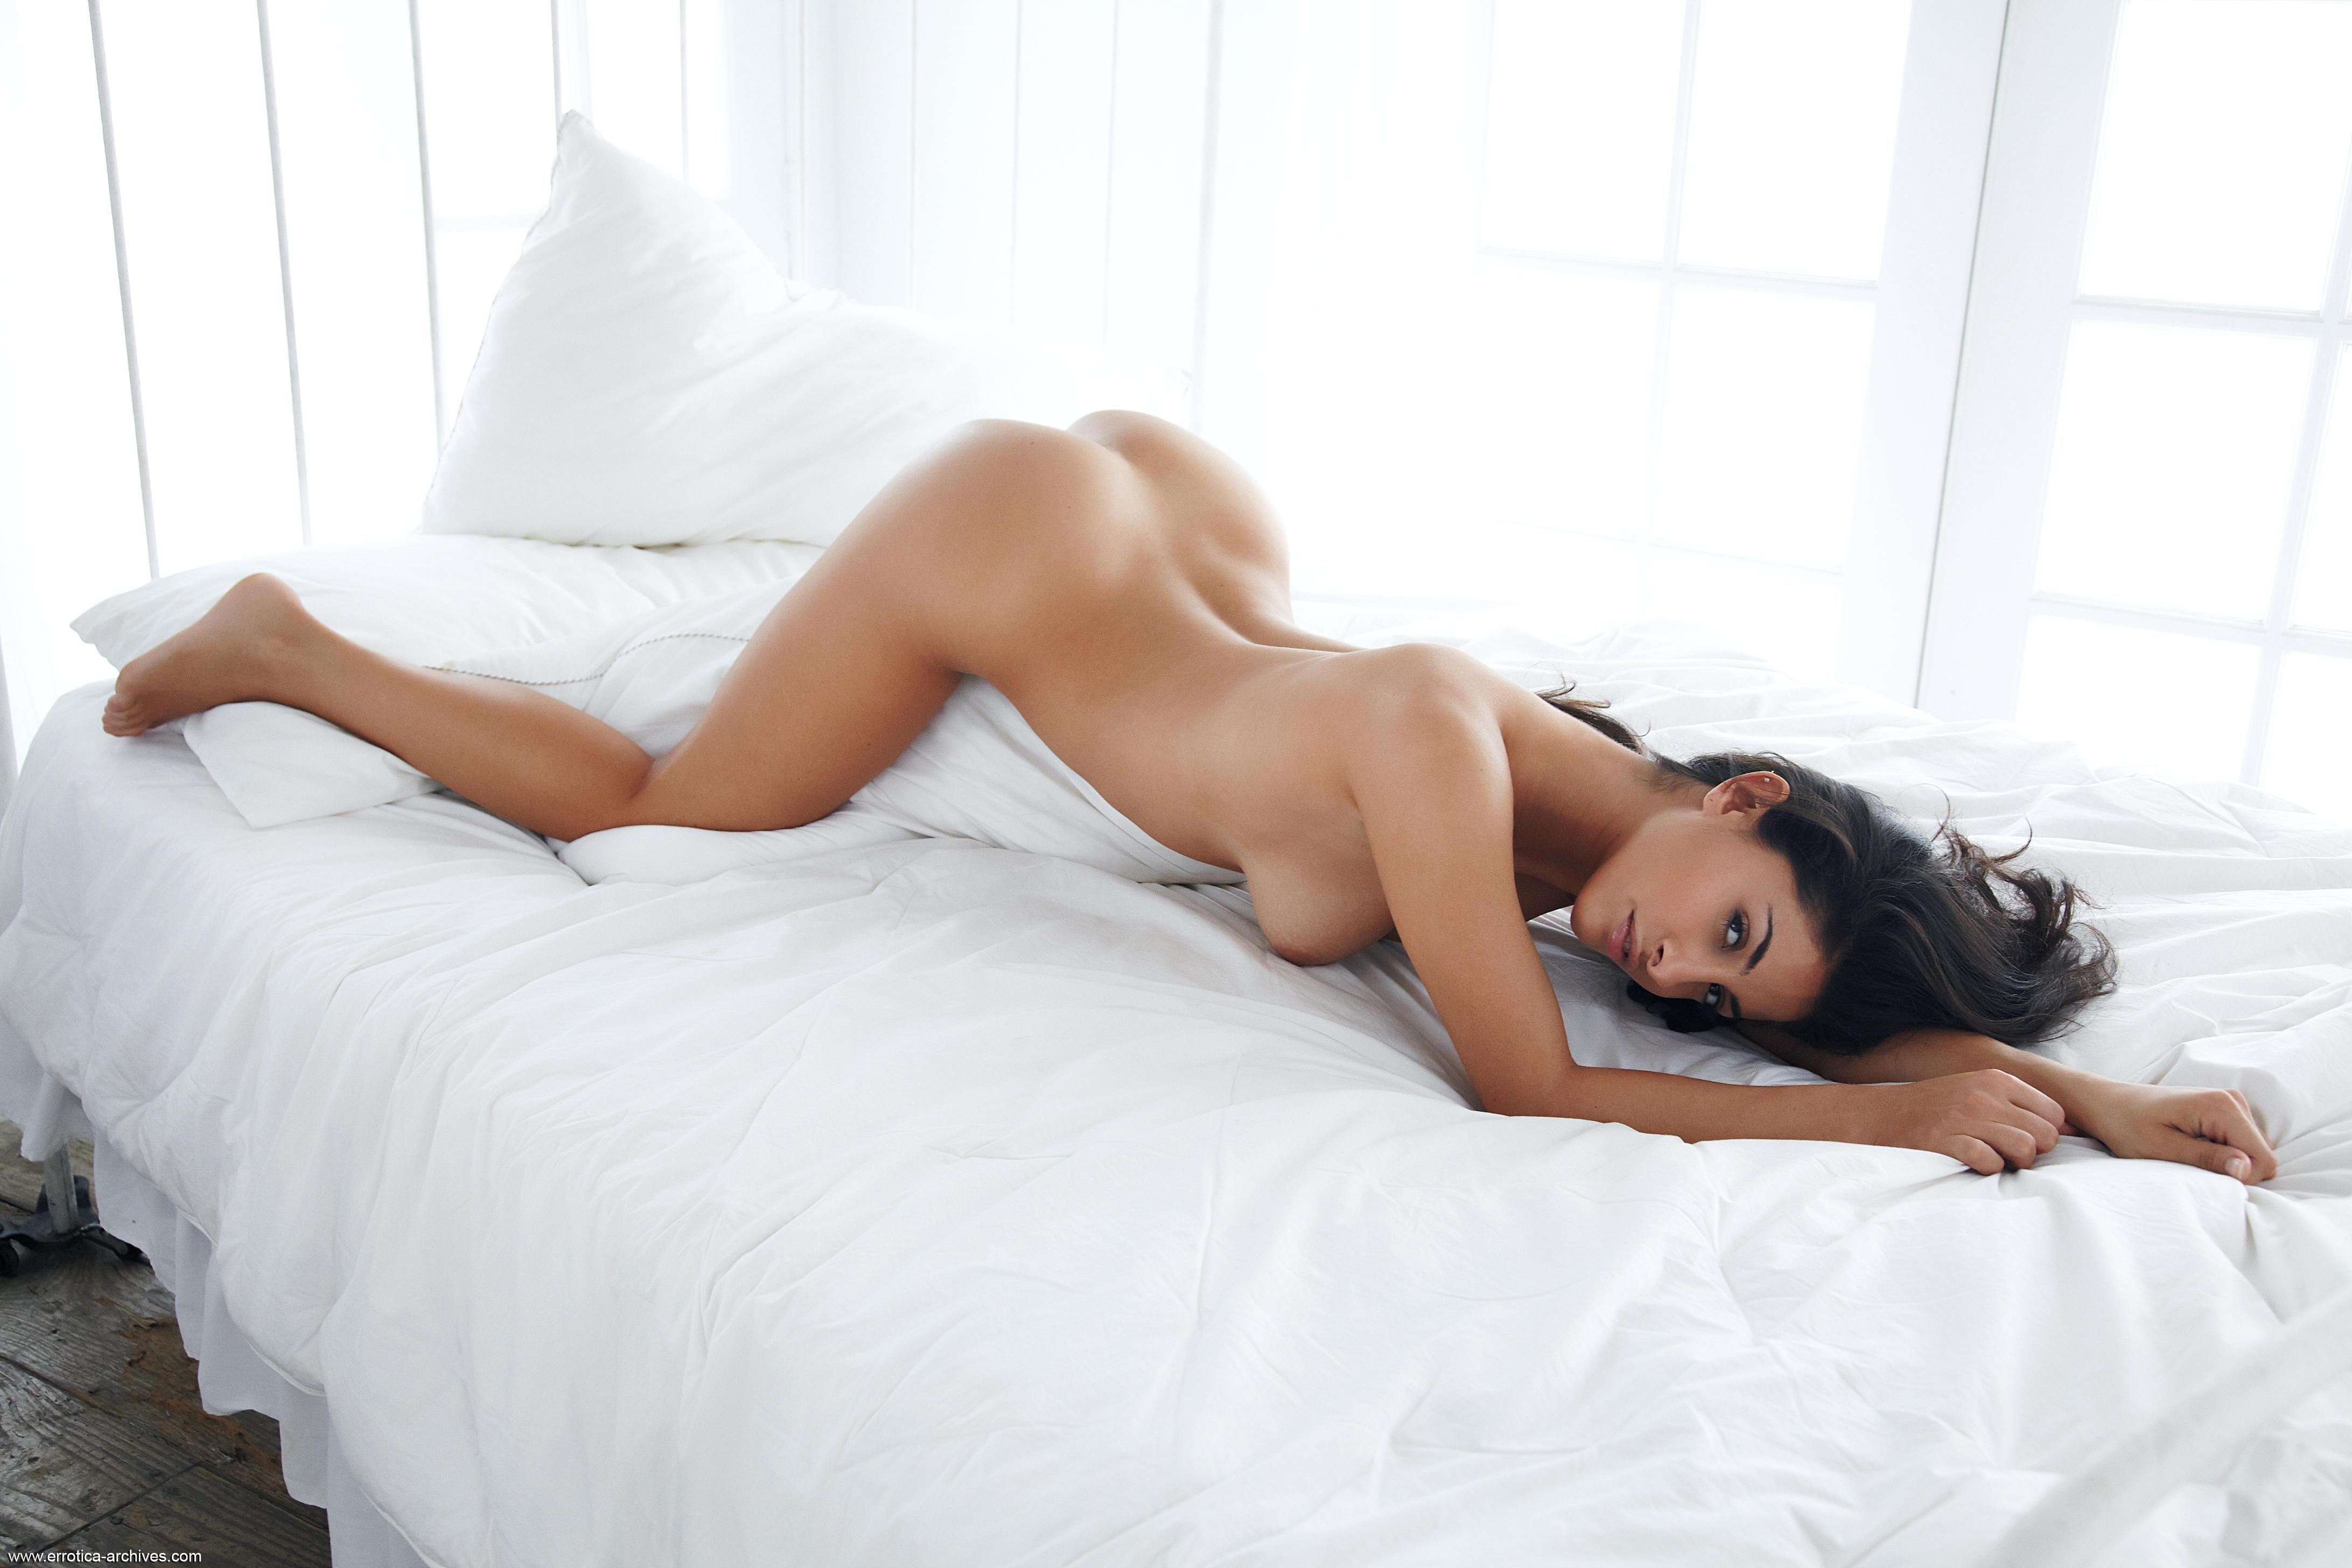 Nadia Porn